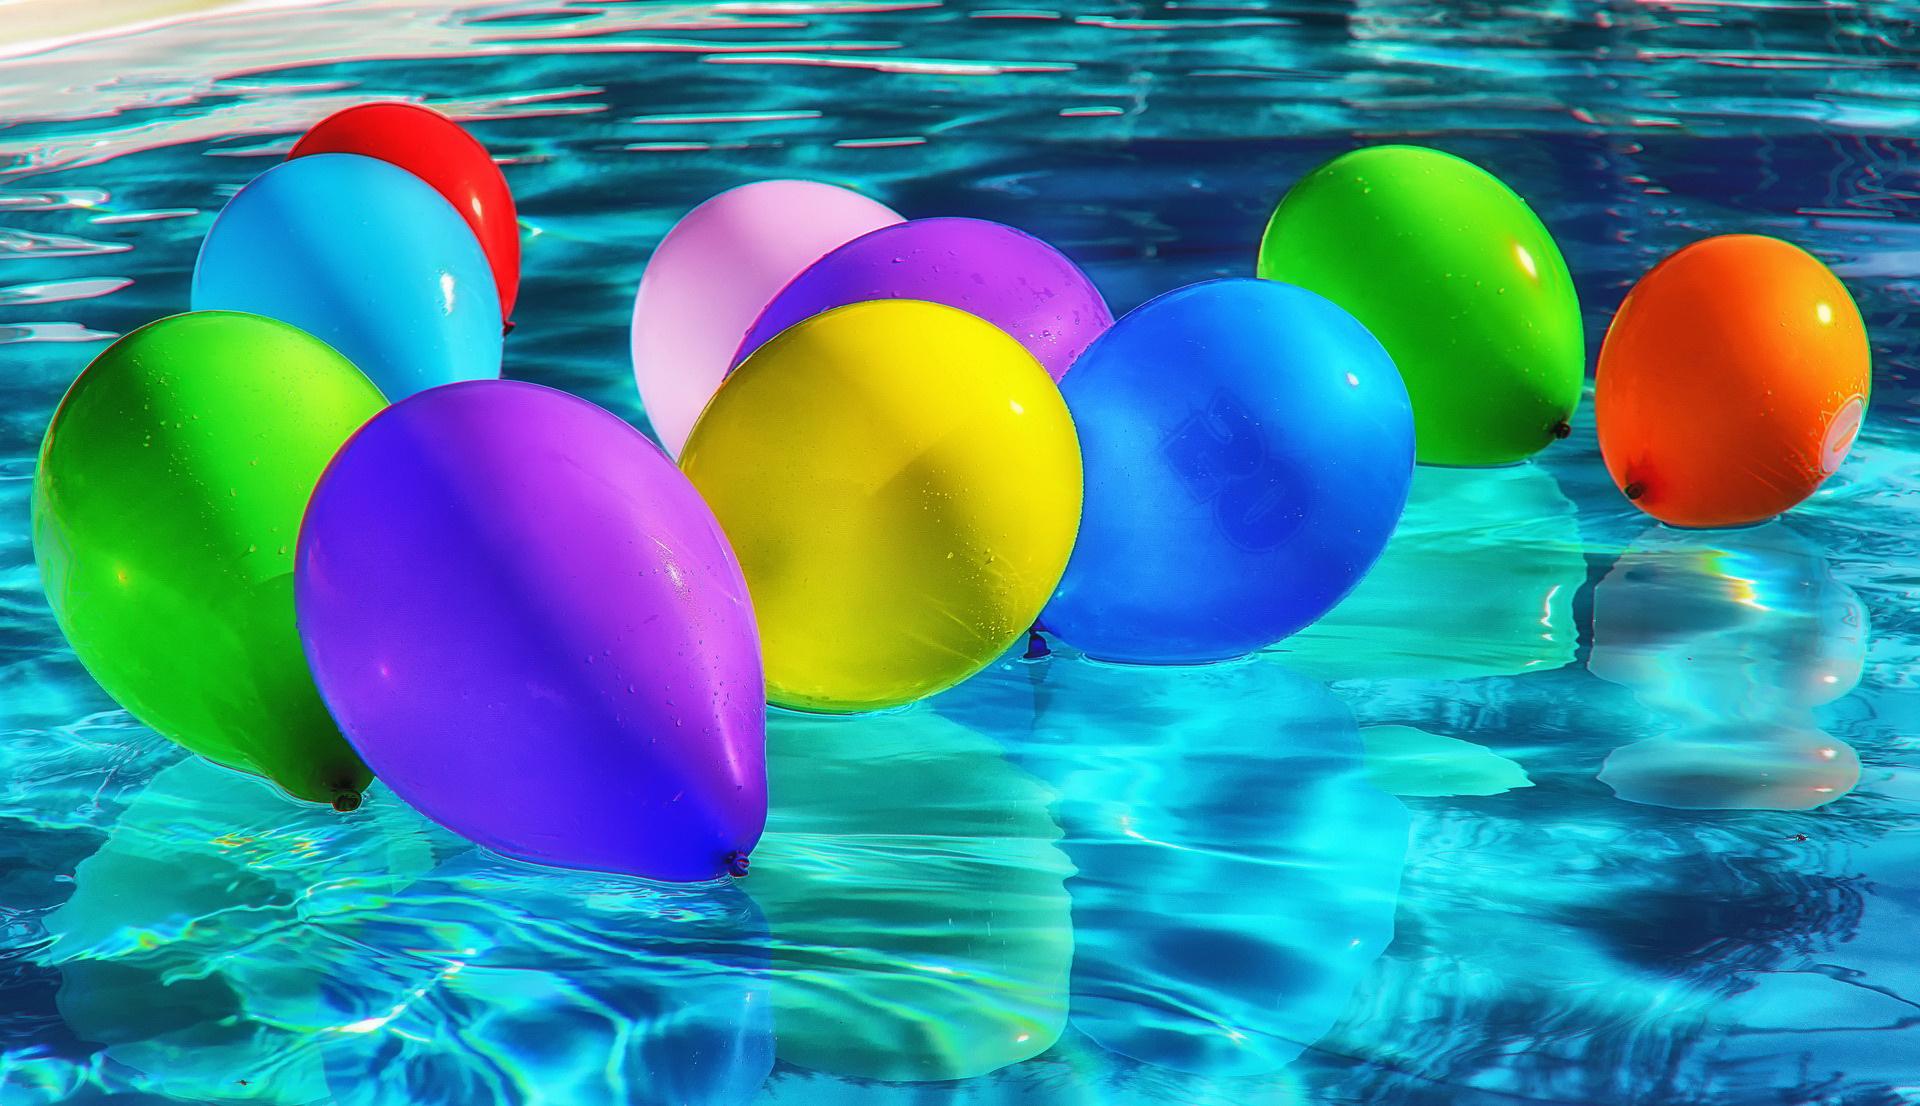 Zagadki rymowanki dla dzieci. Zgadywanka o balonach